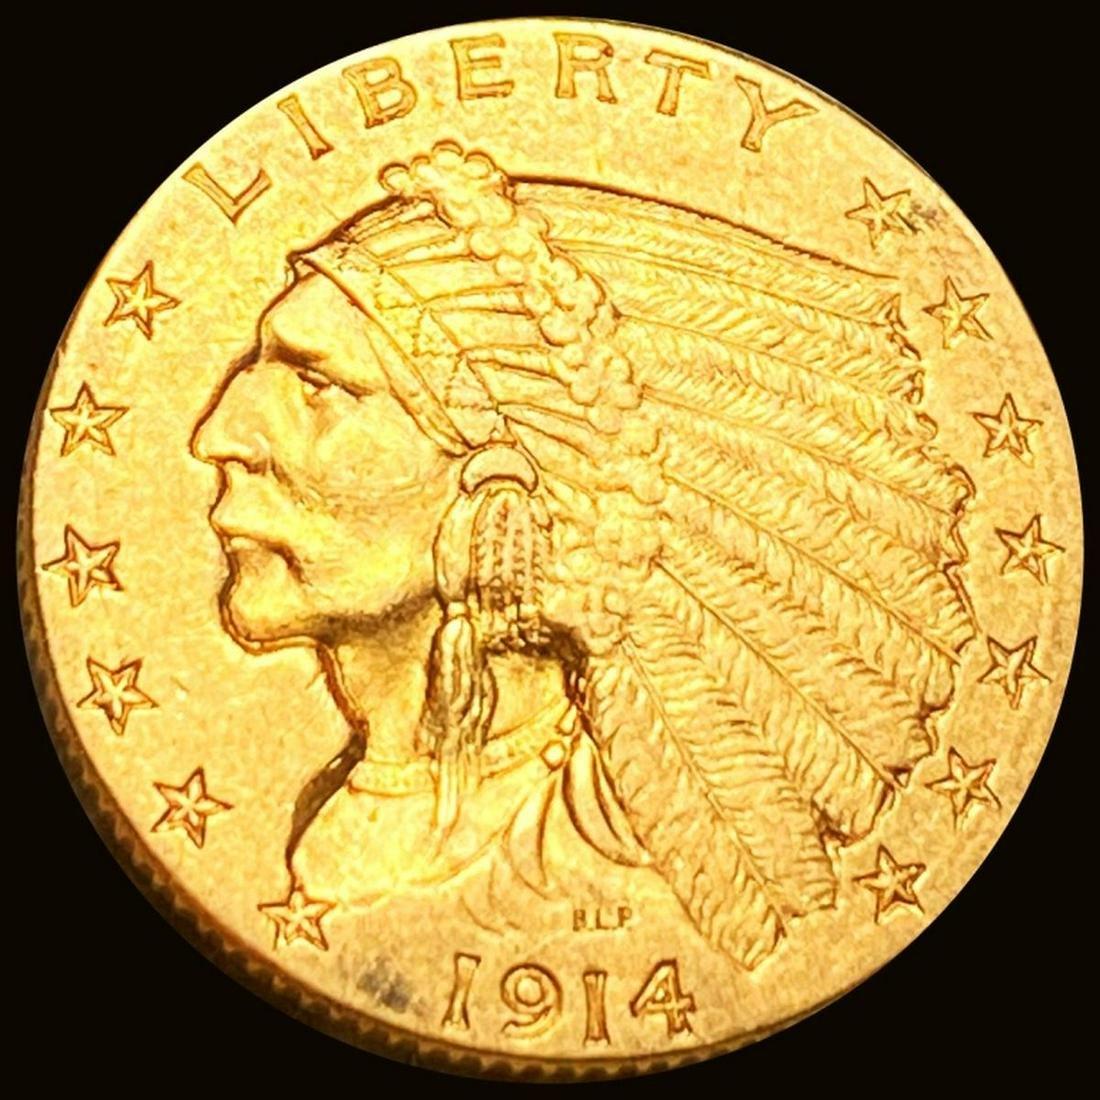 1914-D $2.50 Gold Quarter Eagle UNCIRCULATED